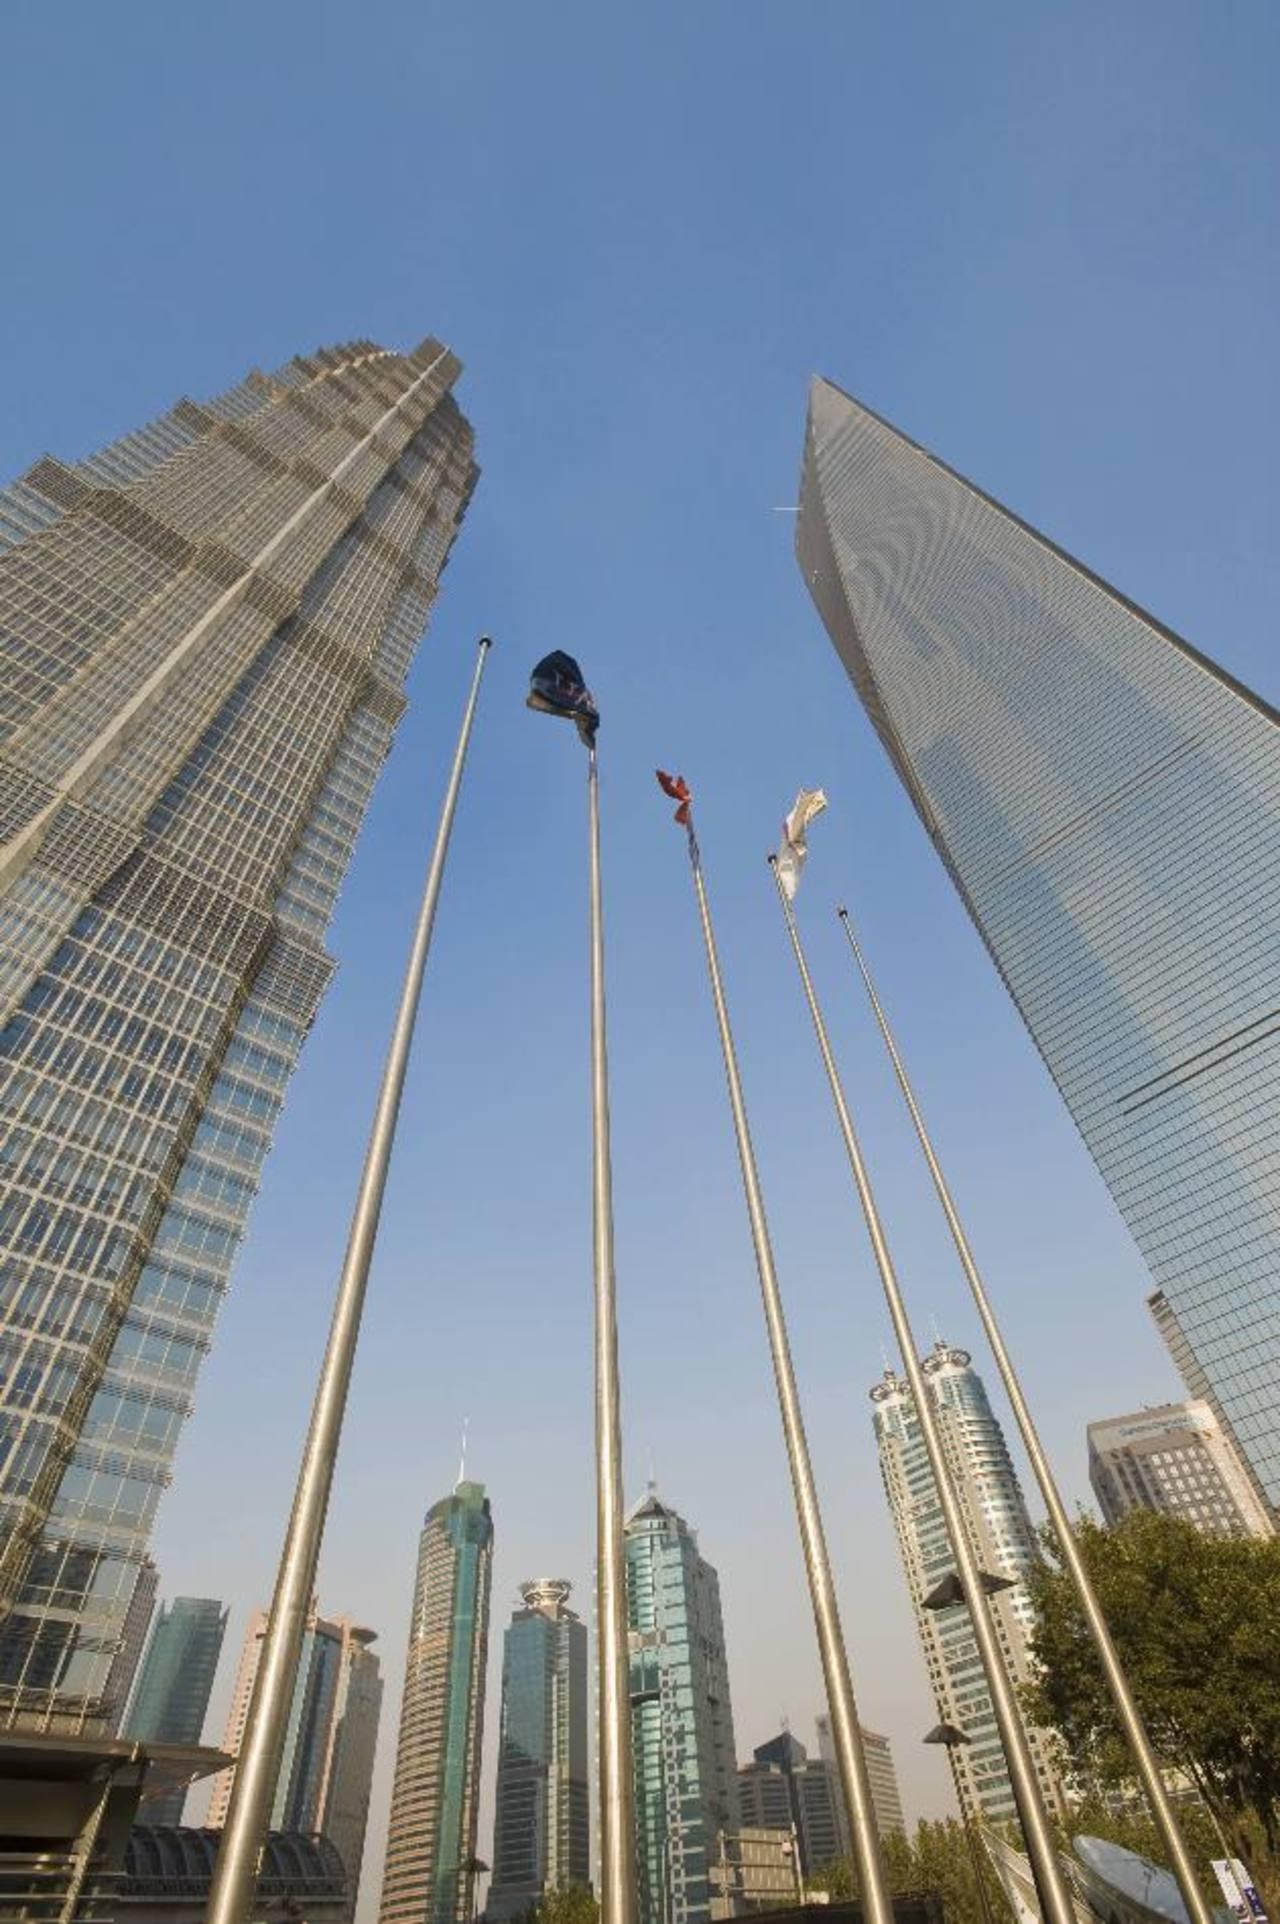 Rascacielos en el centro financiero de Shanghai, una de las principales ciudades de China, que cuenta con más de 23 millones de habitantes. Foto Expansión / DPA